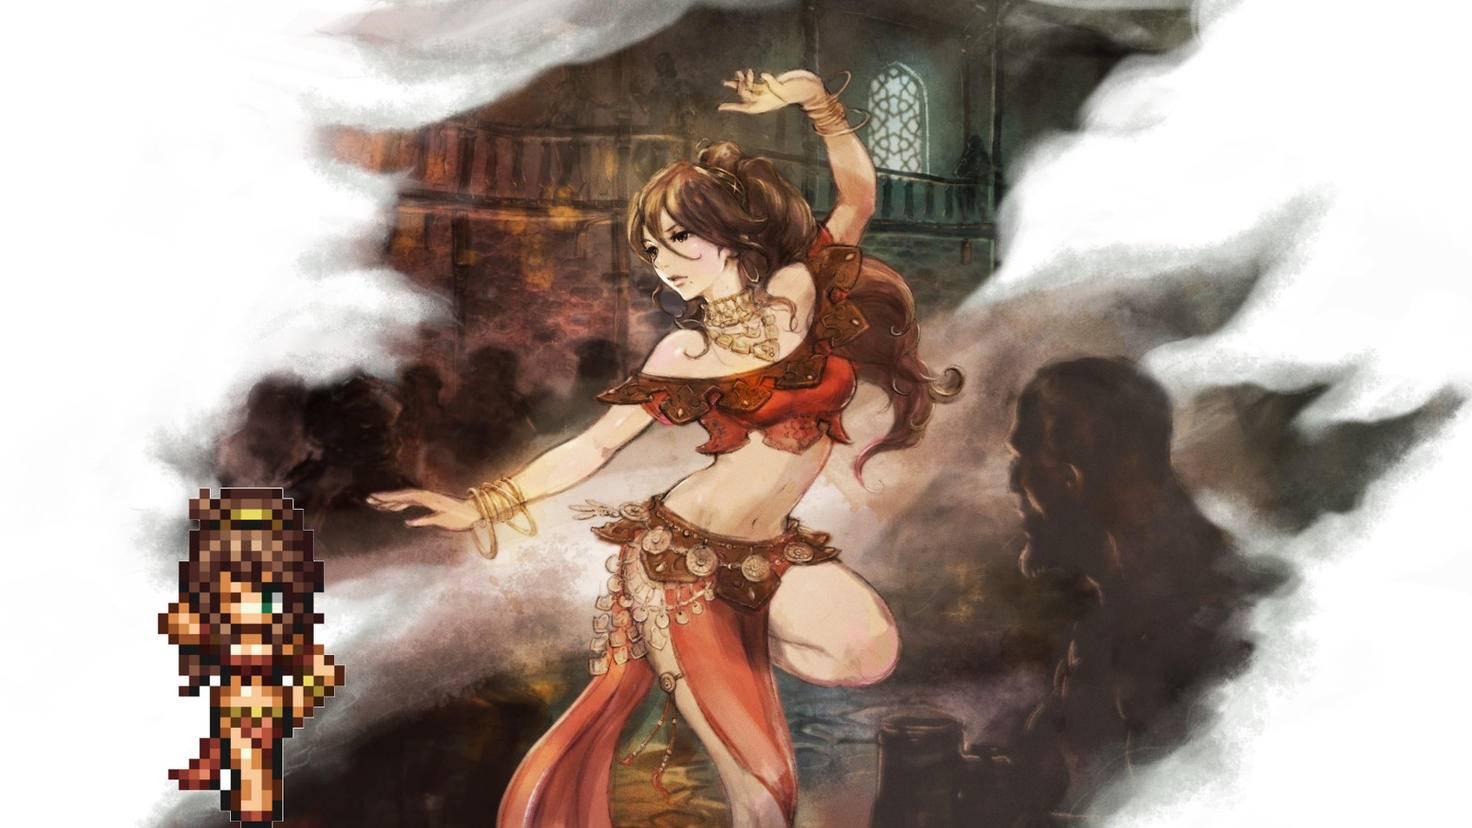 Tänzerin Primrose weiß den Weg zu viel XP!